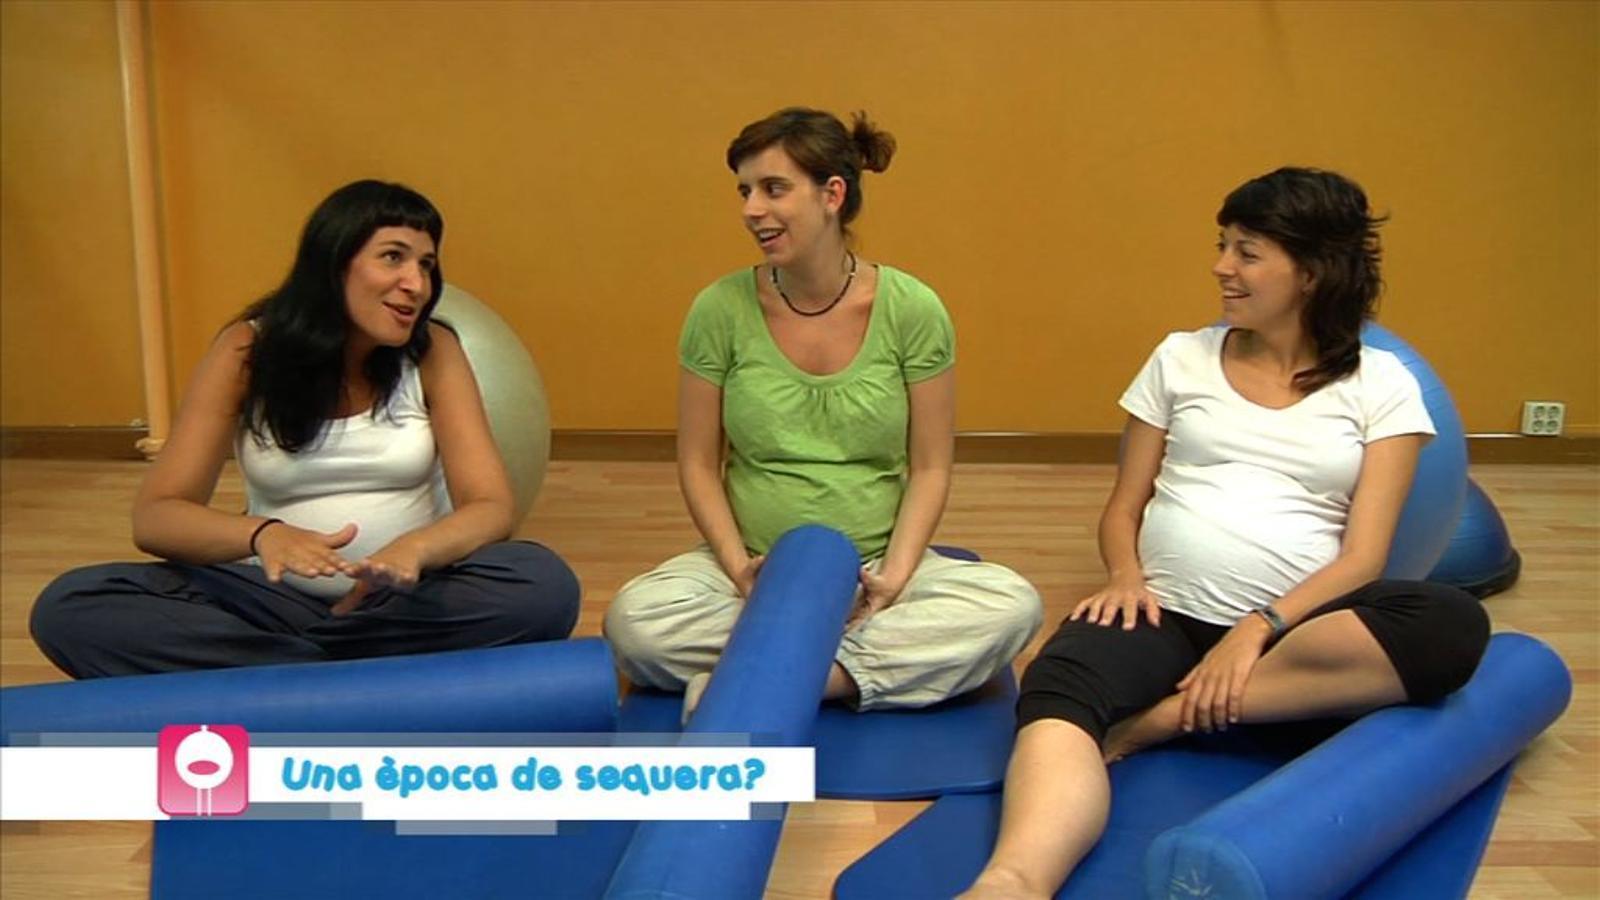 Criatures: És l'embaràs una època de sequera?